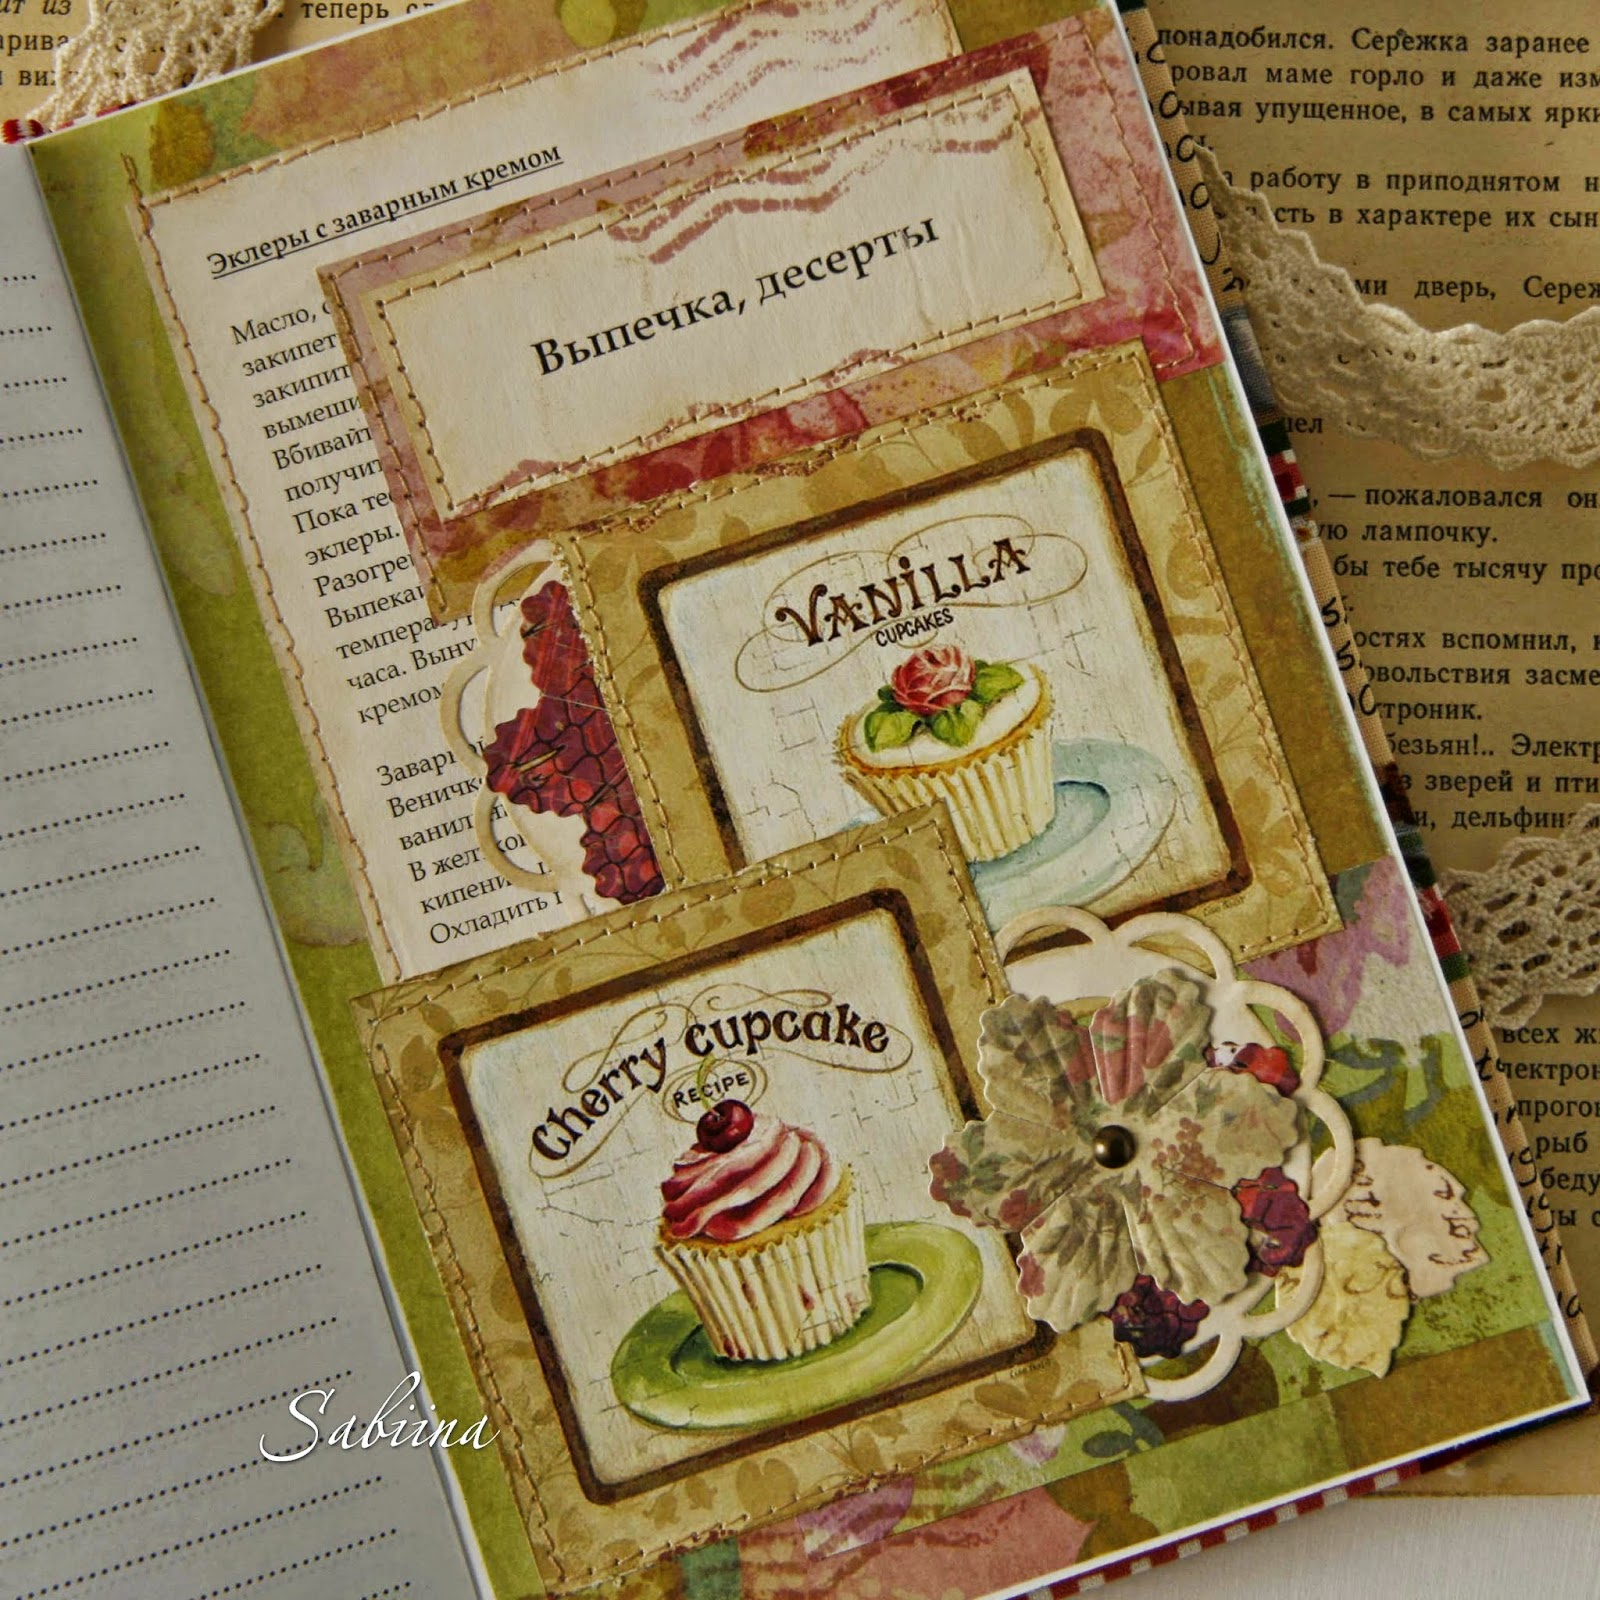 Кулинарная книга, книга рецептов, ручная работа, подарок ручной работы